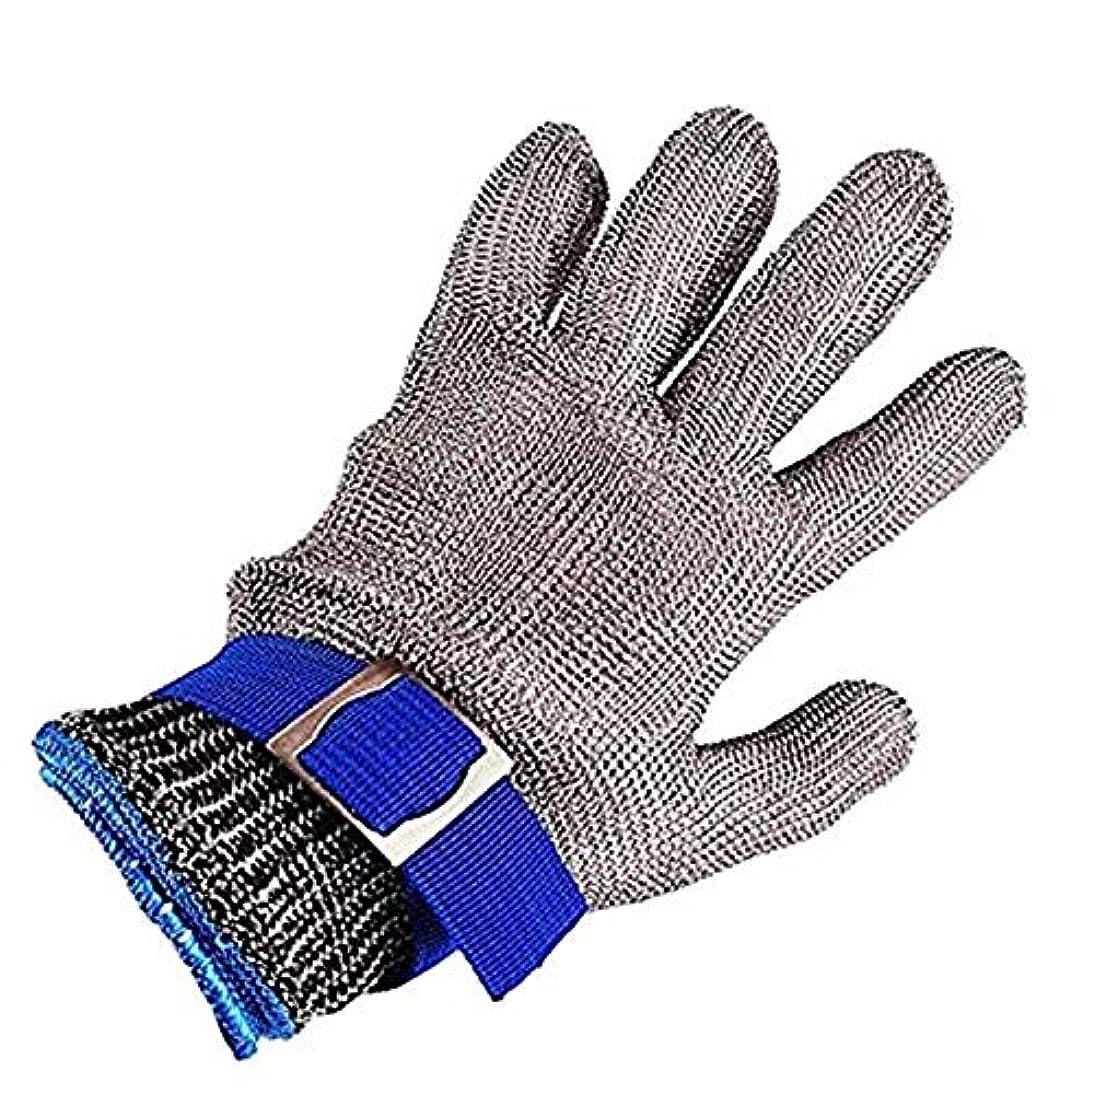 アーサーコナンドイル計算する幾何学カット性手袋、つや消しステンレススチールワイヤーメッシュブッチャー安全作業手袋、レベル5カット保護食品グレードメタルチェーングローブ,S